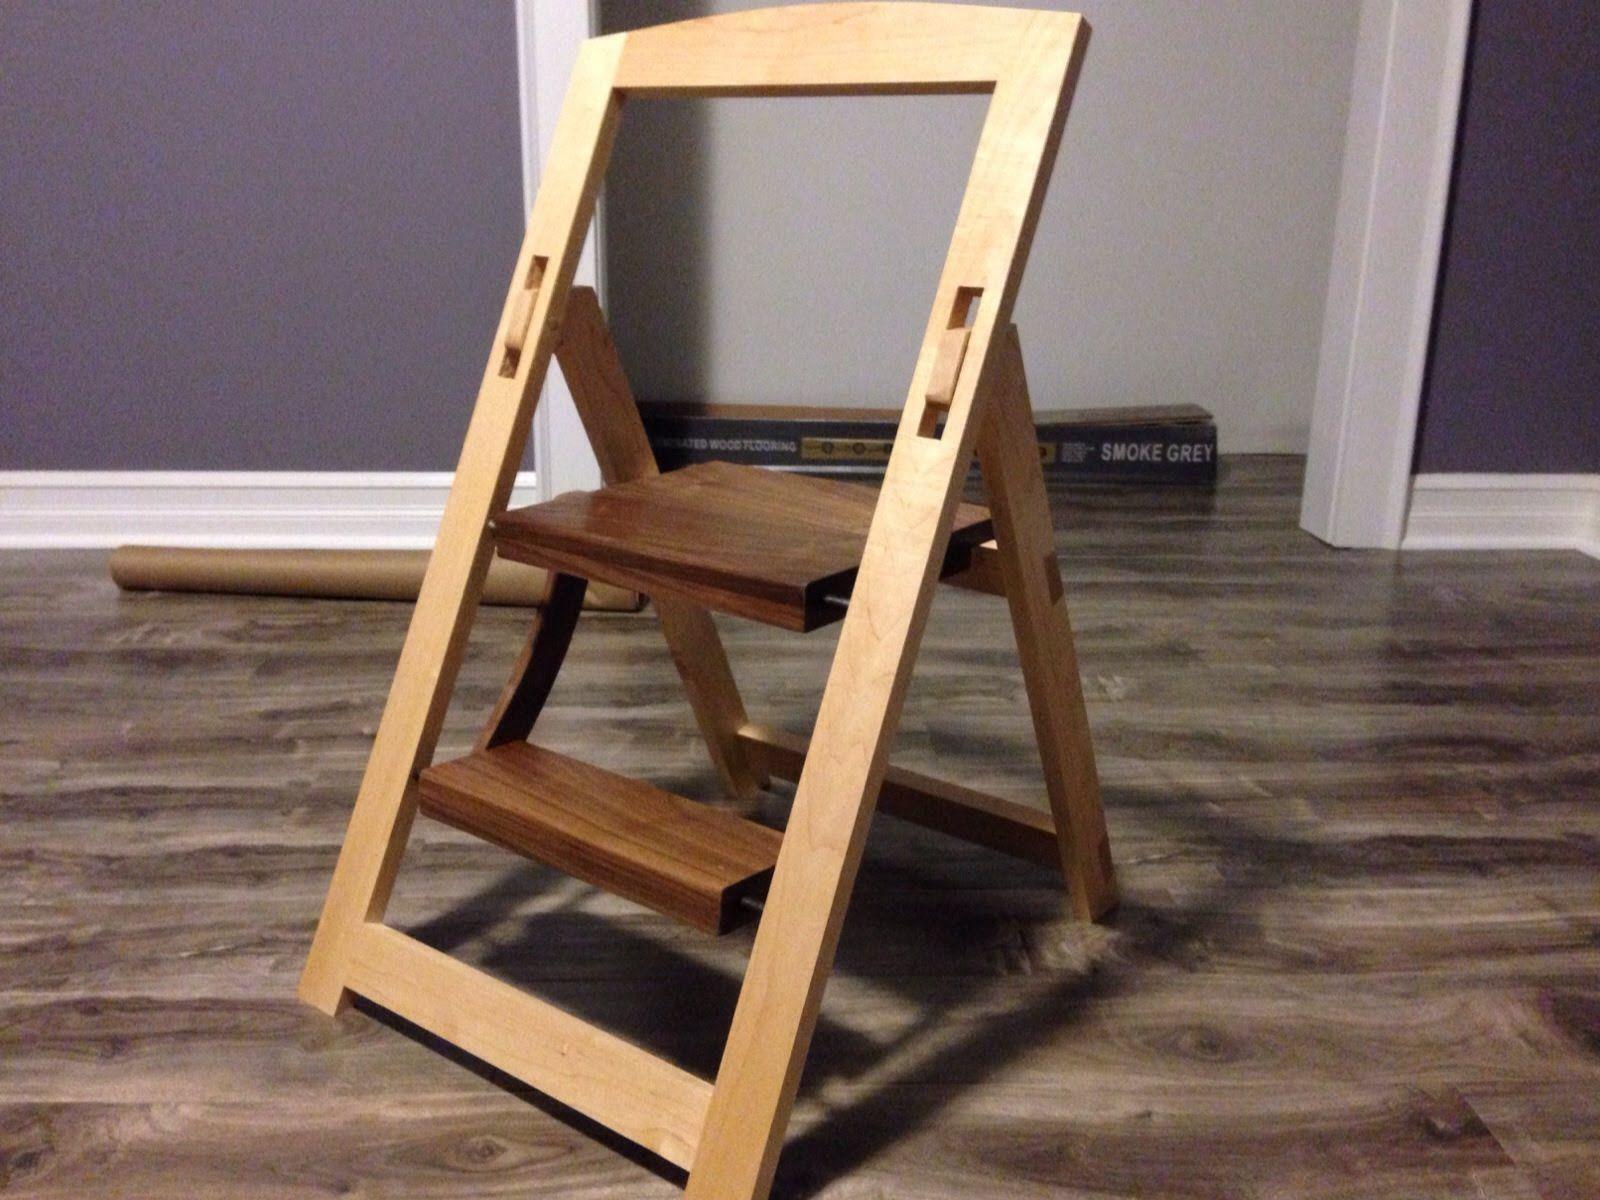 Kleine Leiter Fur Kuche Hailo Mini 2 Stufen Stahl Klapptritt Weiss